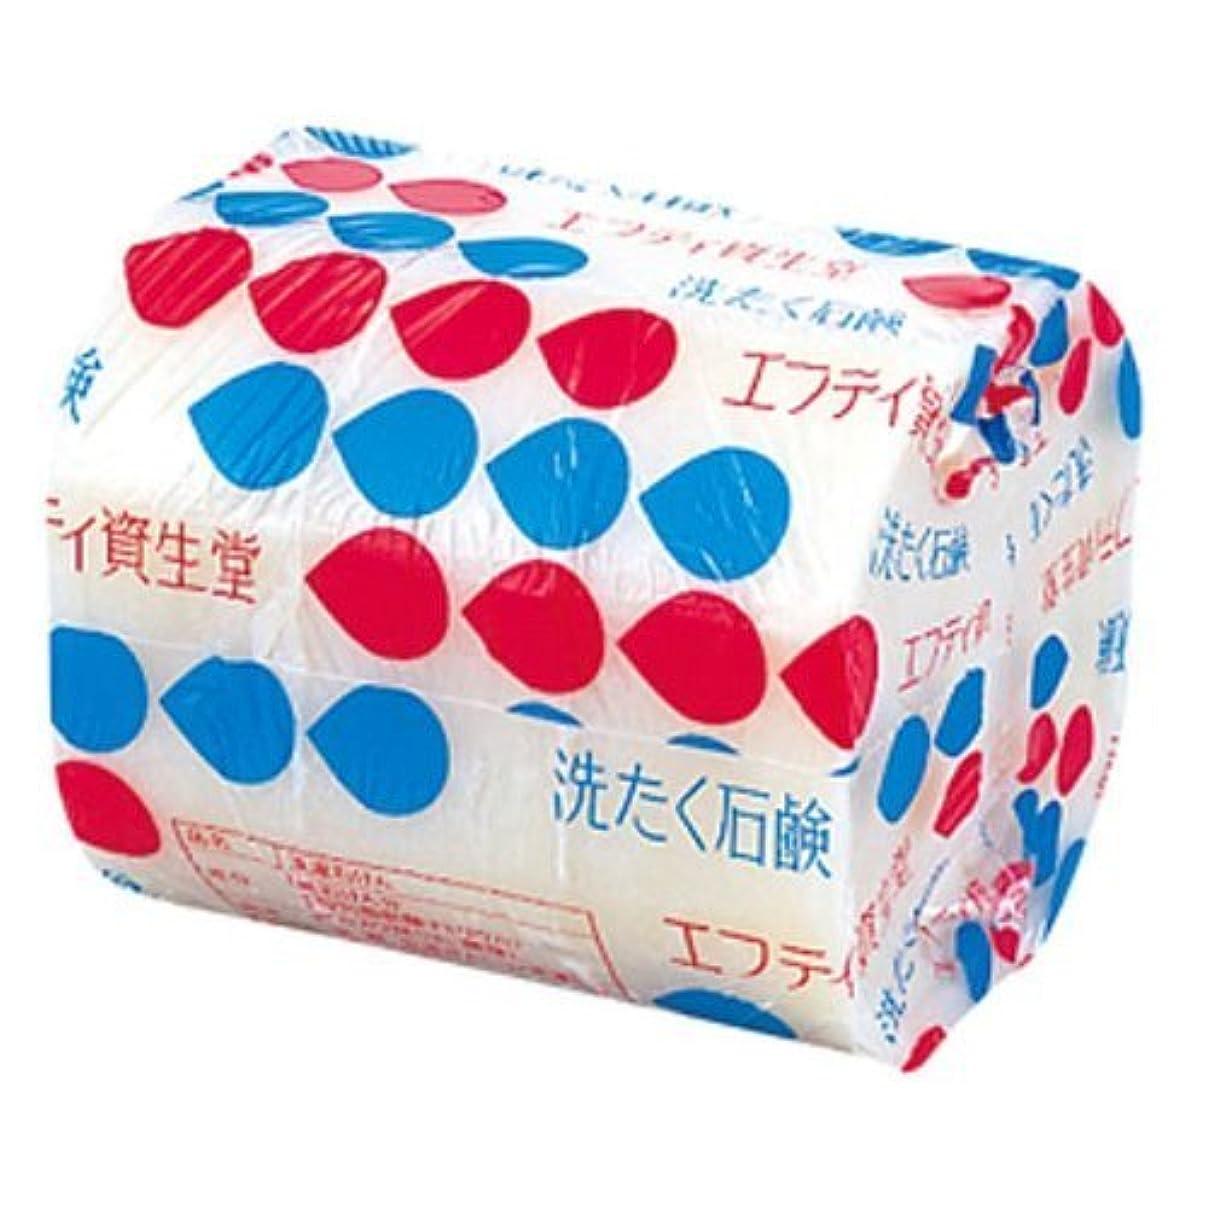 ジョグスピーチ印をつける【資生堂】エフティ資生堂洗たく石鹸花椿型3コパック200g